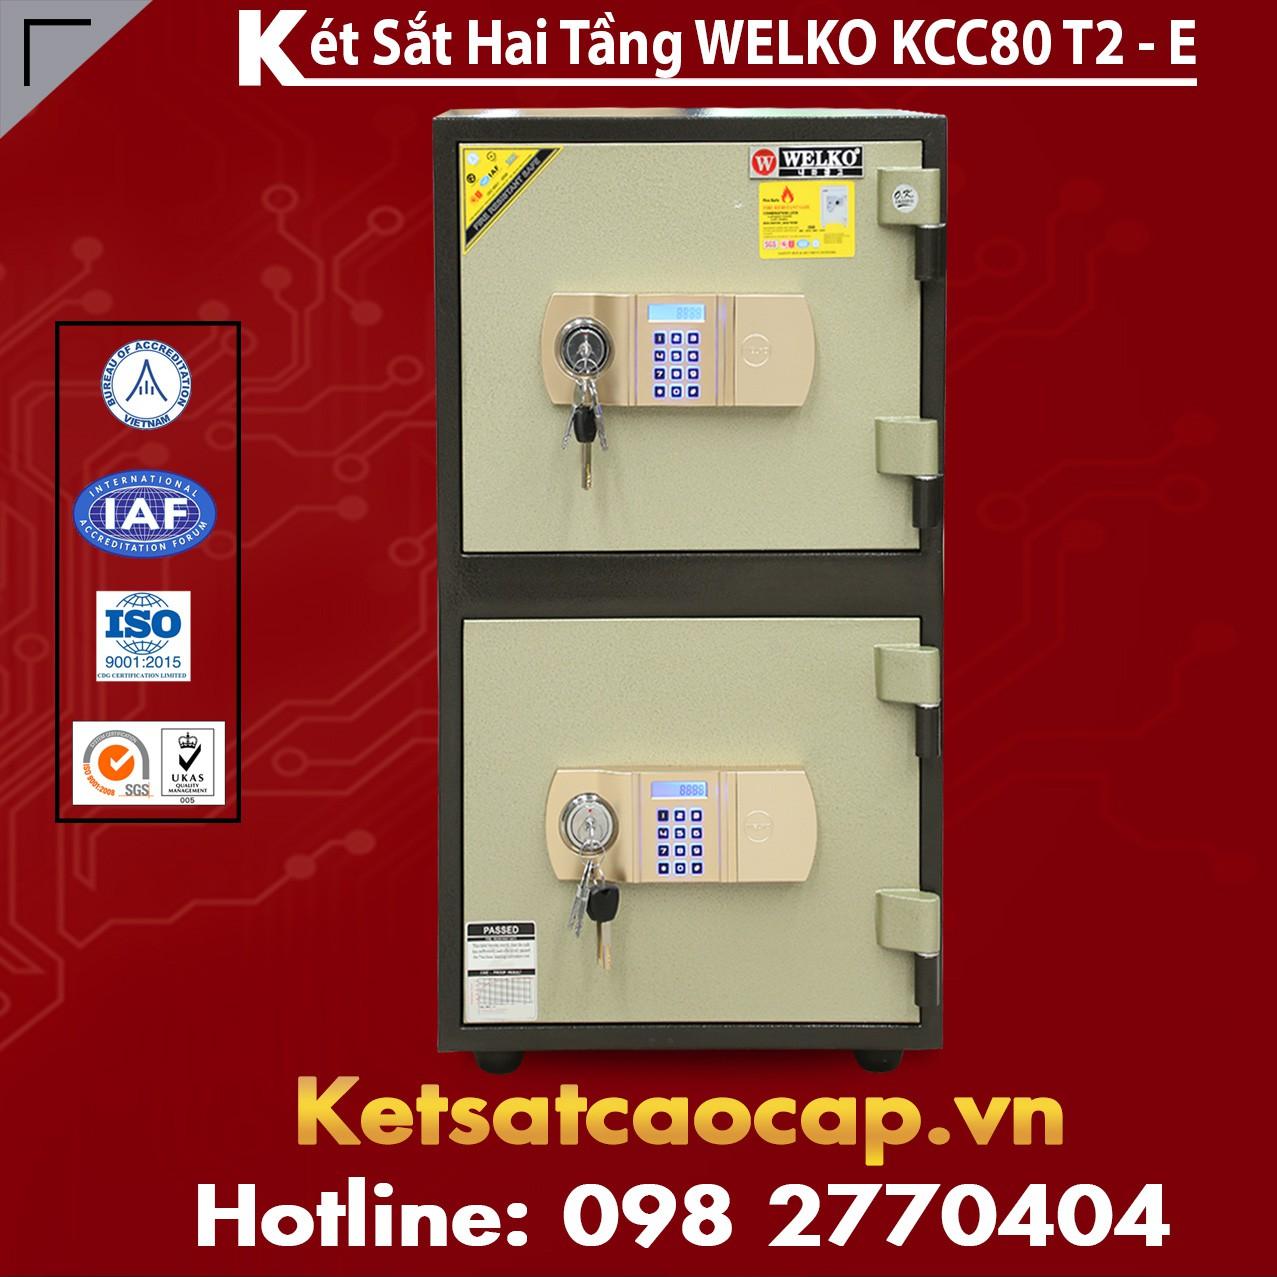 Két Sắt Hai Tầng WELKO KCC80 T2 - E